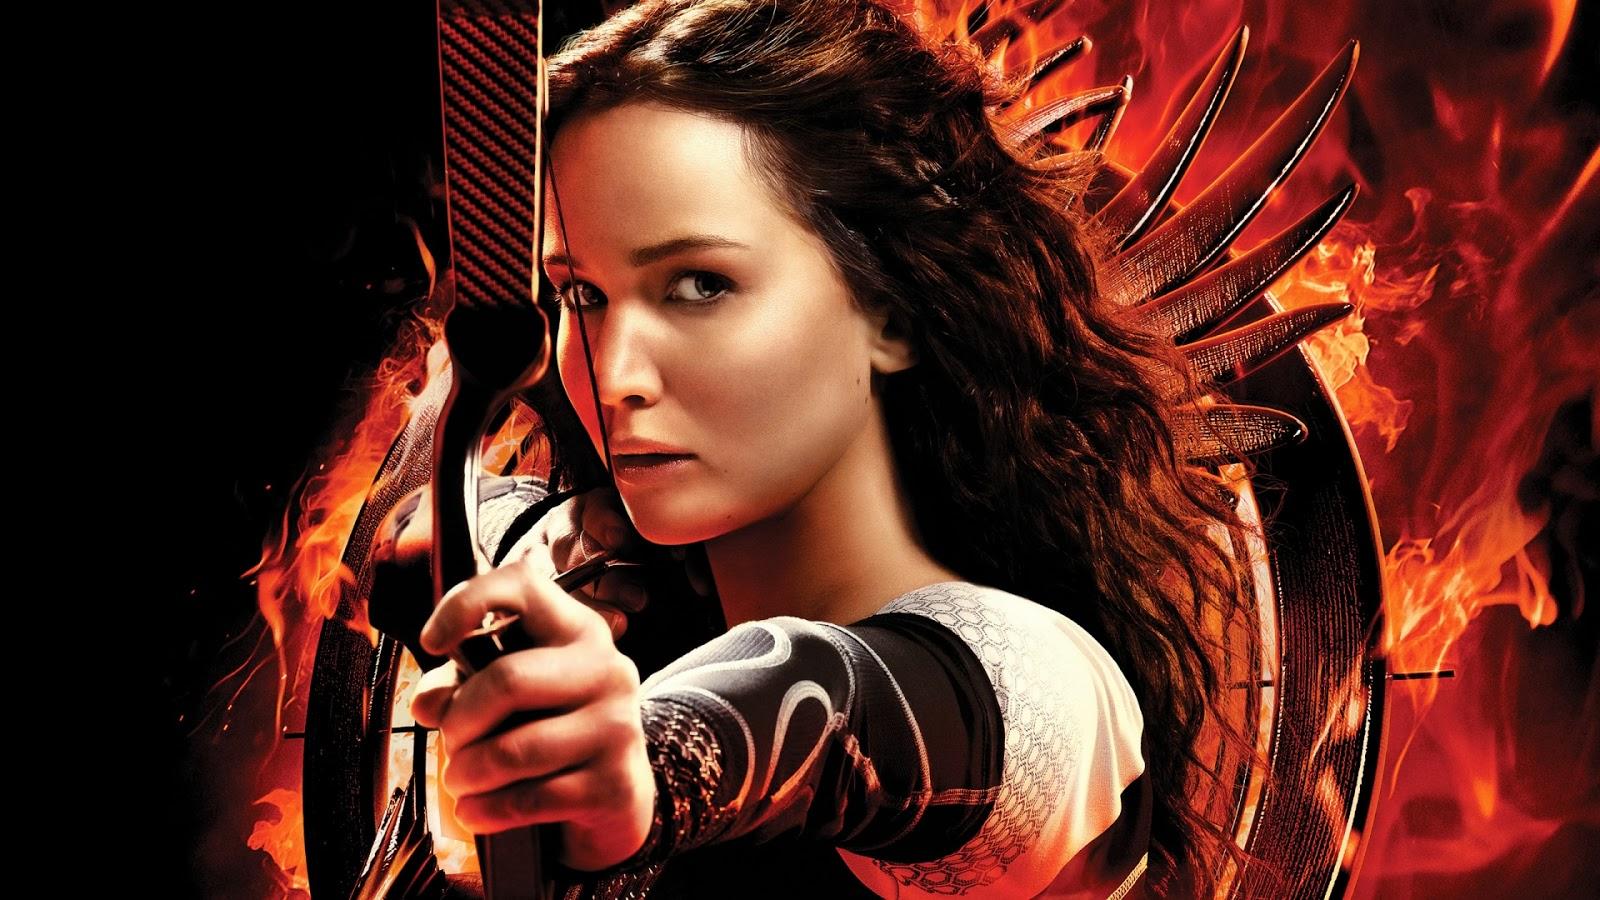 Catching_Fire_Katniss_Everdeen_Wallpaper.jpg